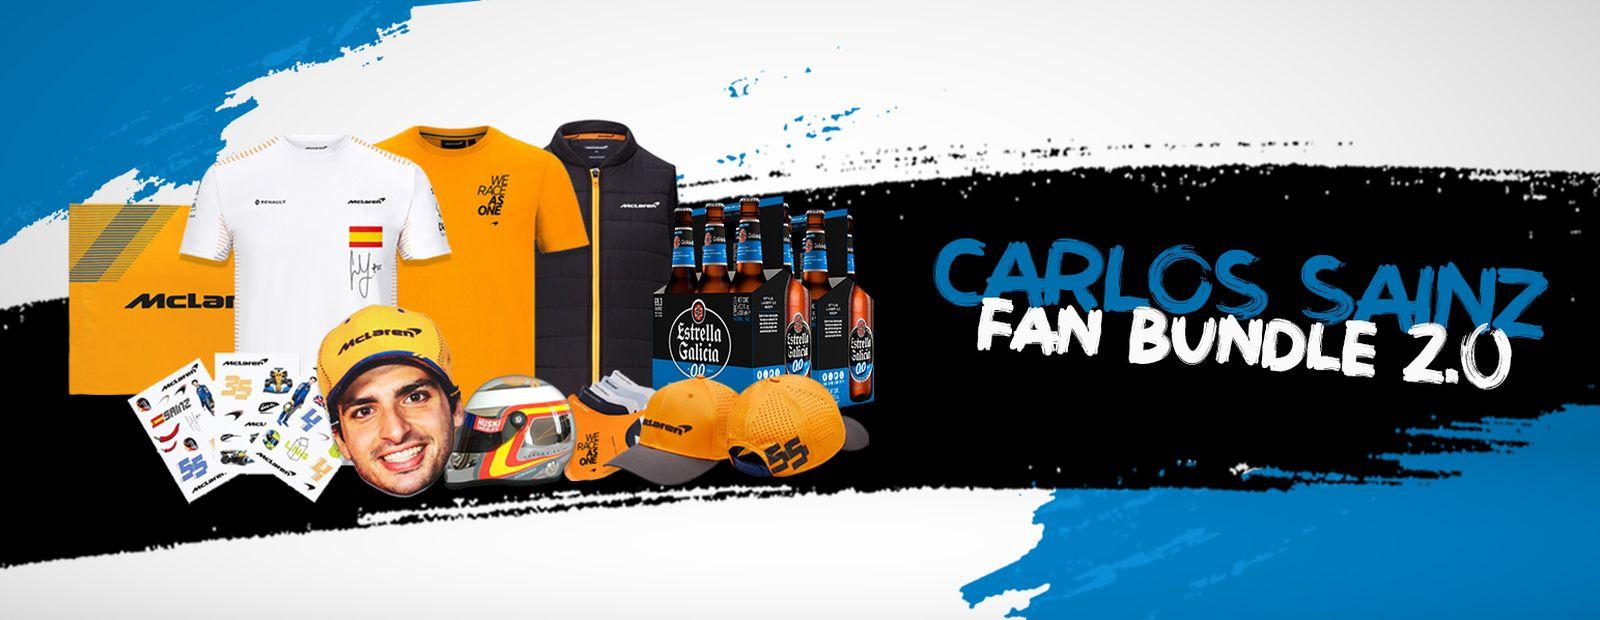 ¡Gane el lote de productos para aficionados de Carlos Sainz (2.0)!